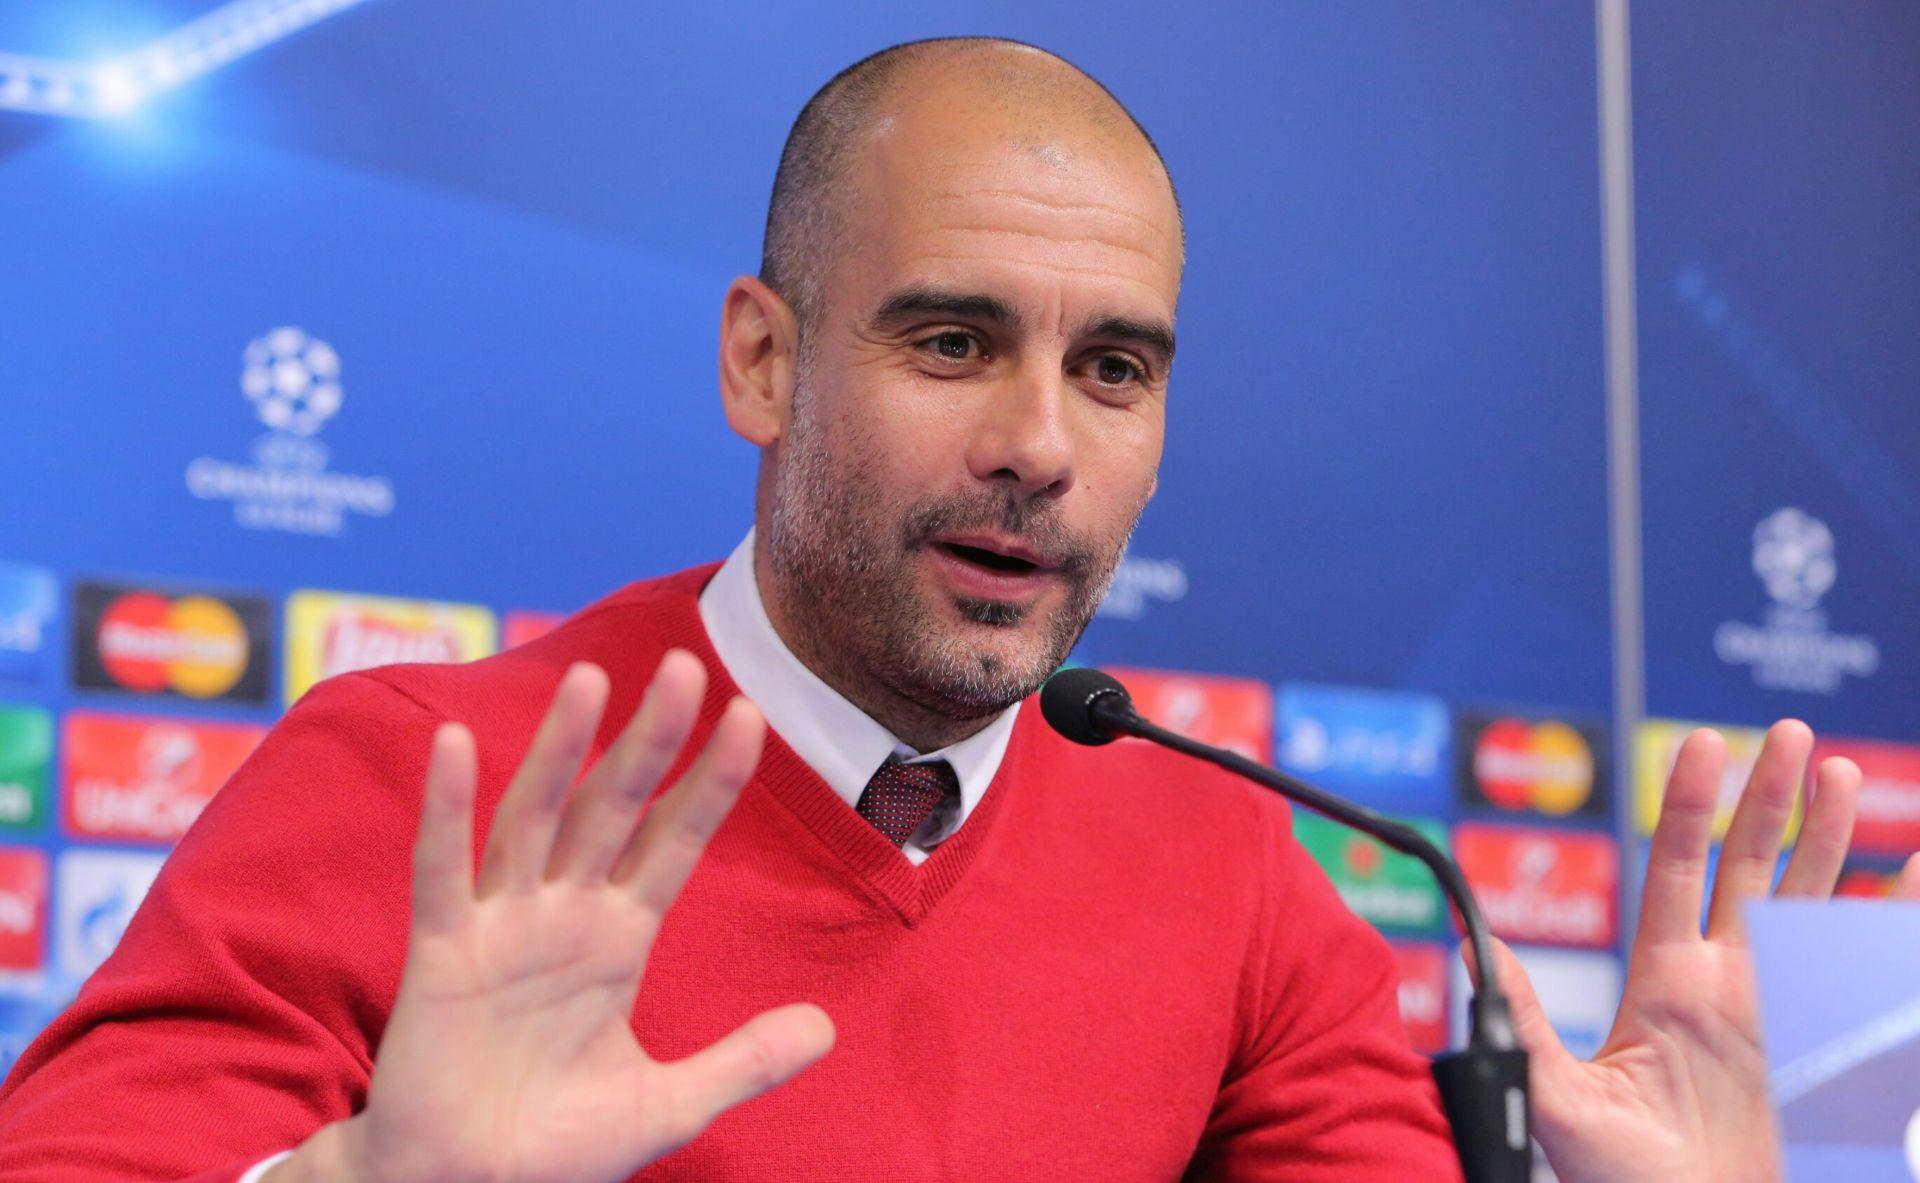 BEZ PRODULJENJA UGOVORA: Guardiola odlazi iz Bayerna, dolazi Ancelotti